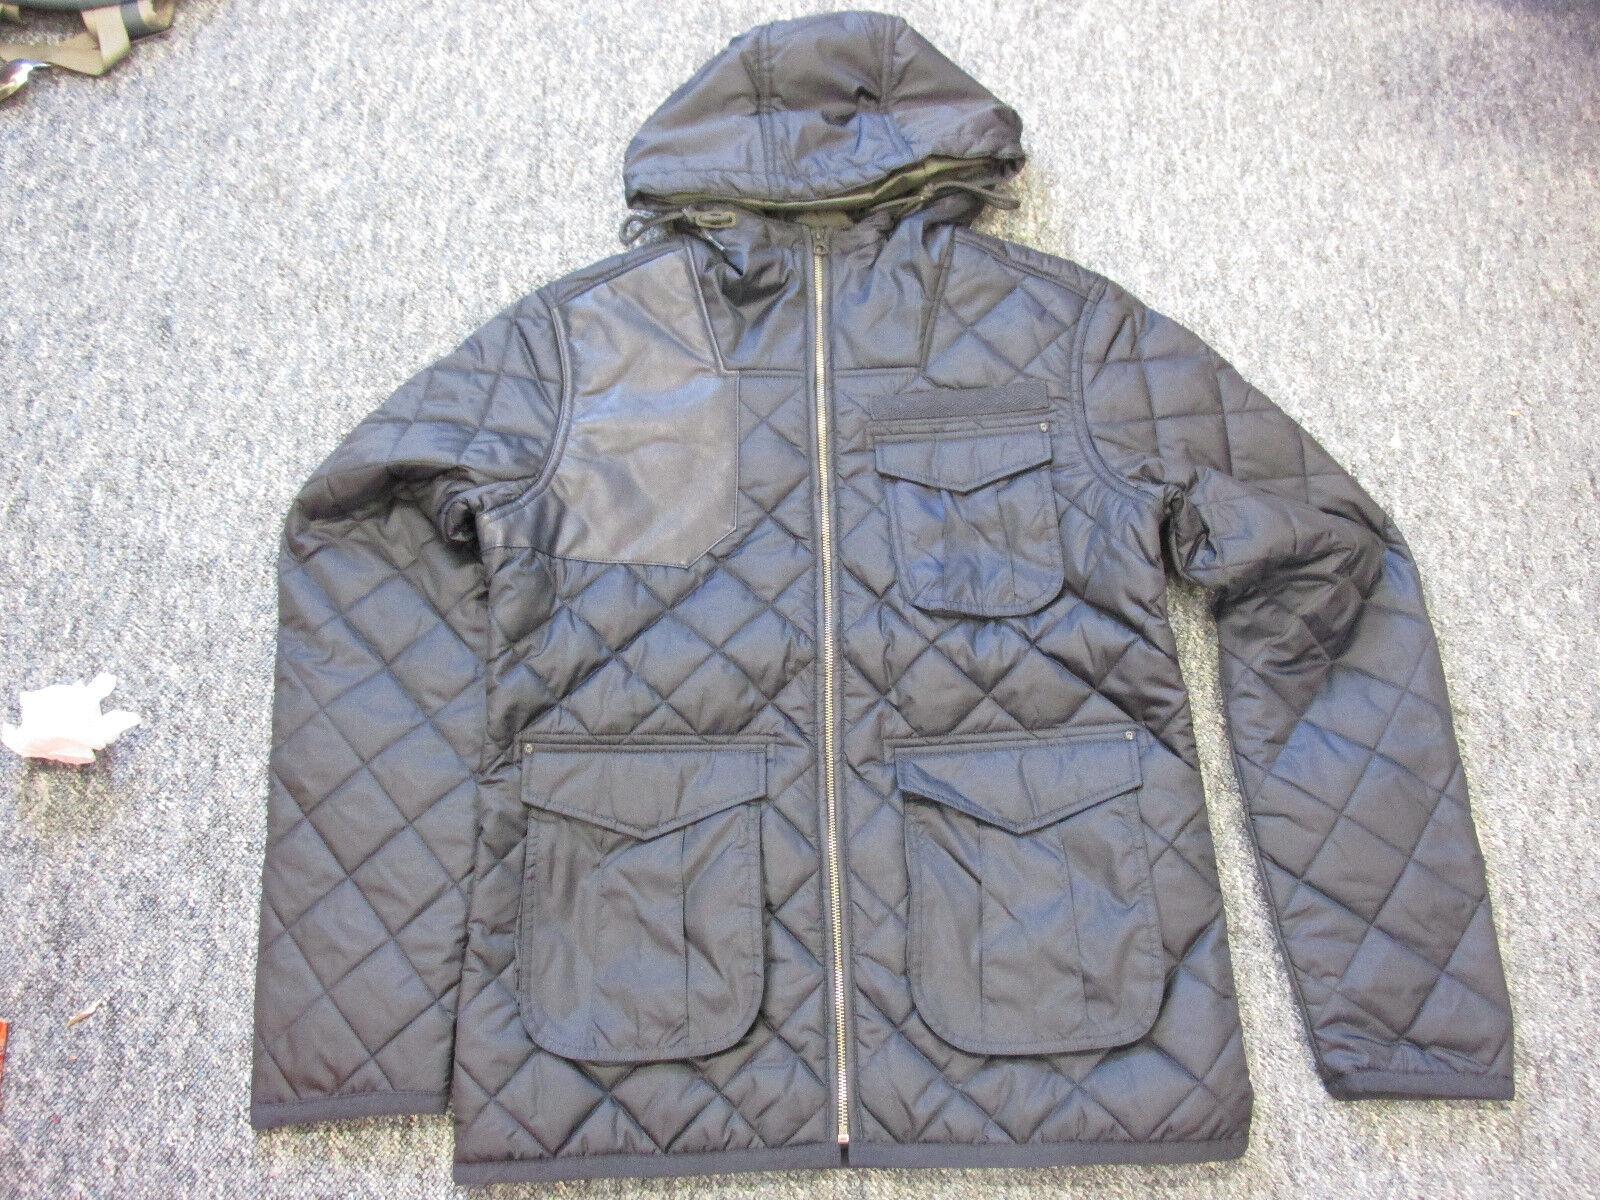 G-Star raw Manteau d hiver à capuche matelassée Amundsen pour homme 82170D 5011.1522